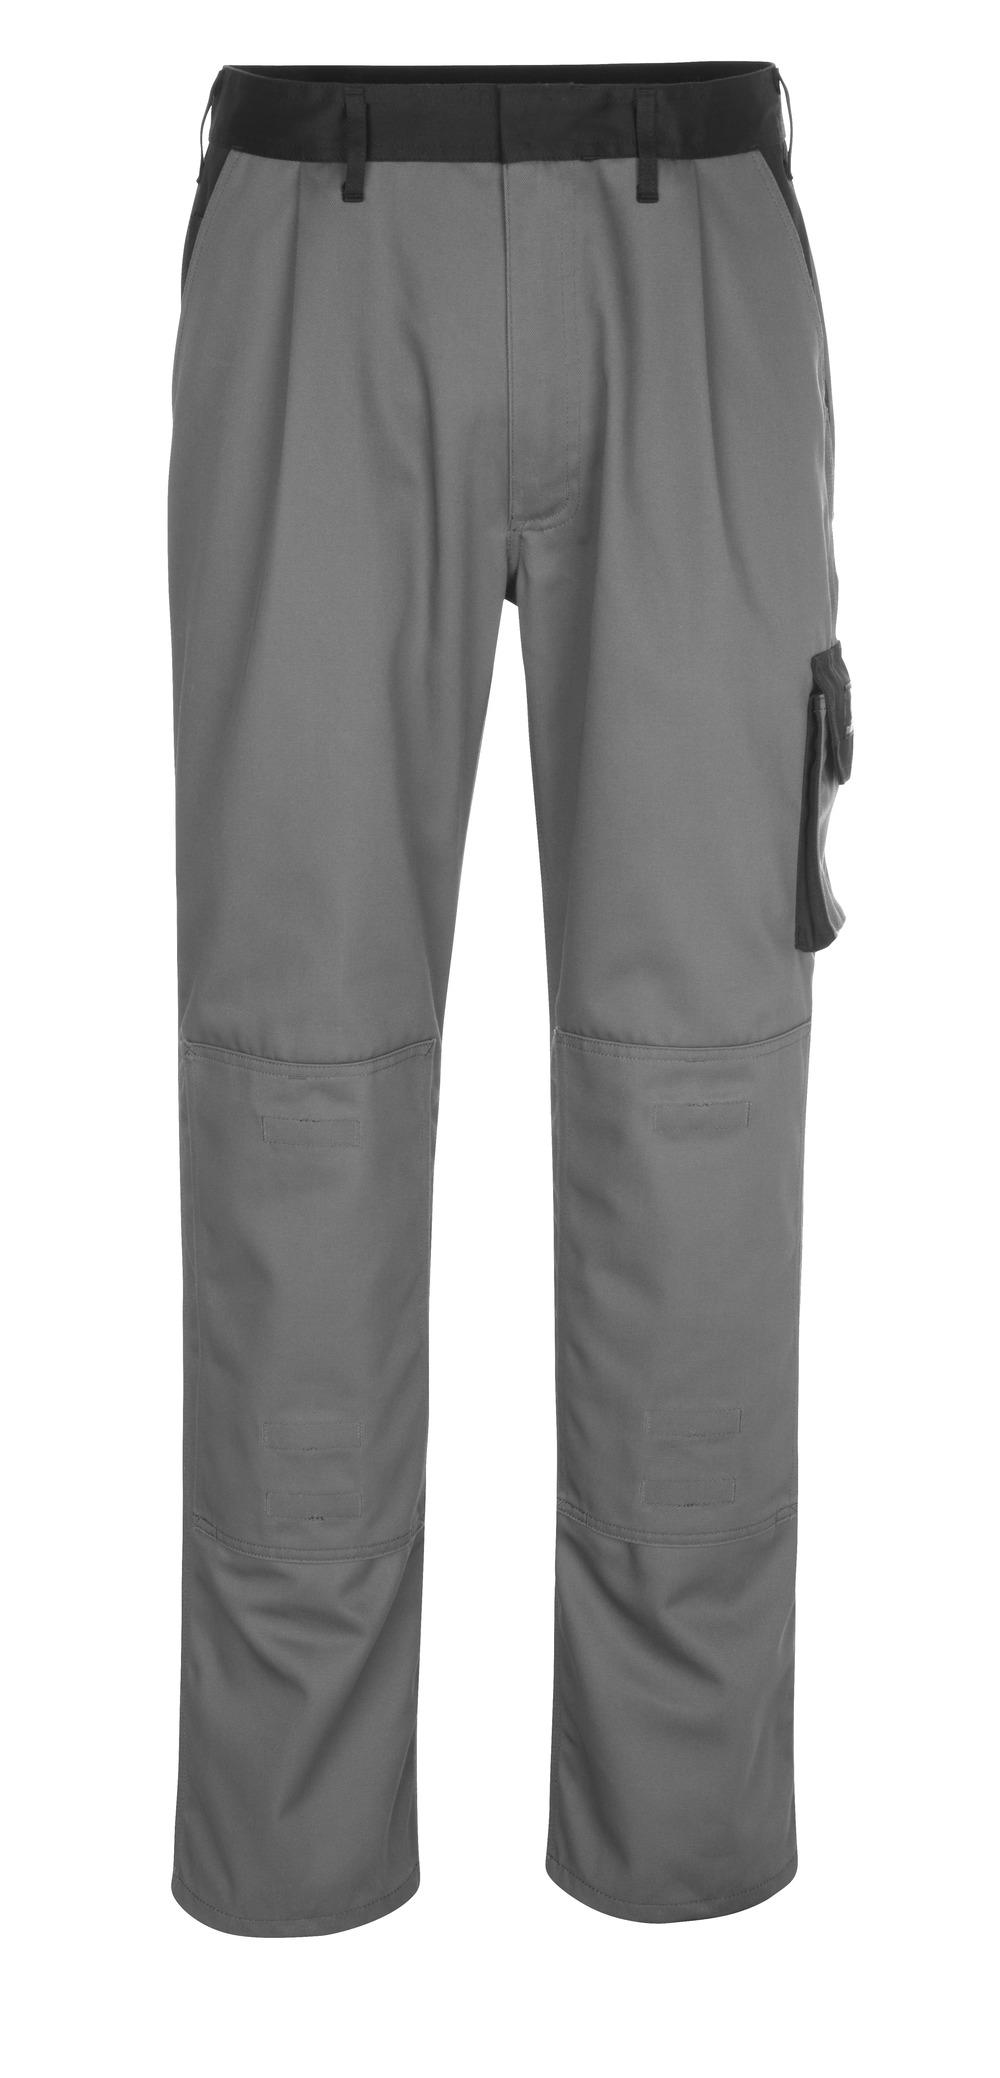 14179-442-8889 Pantalon avec poches genouillères - Anthracite/Noir